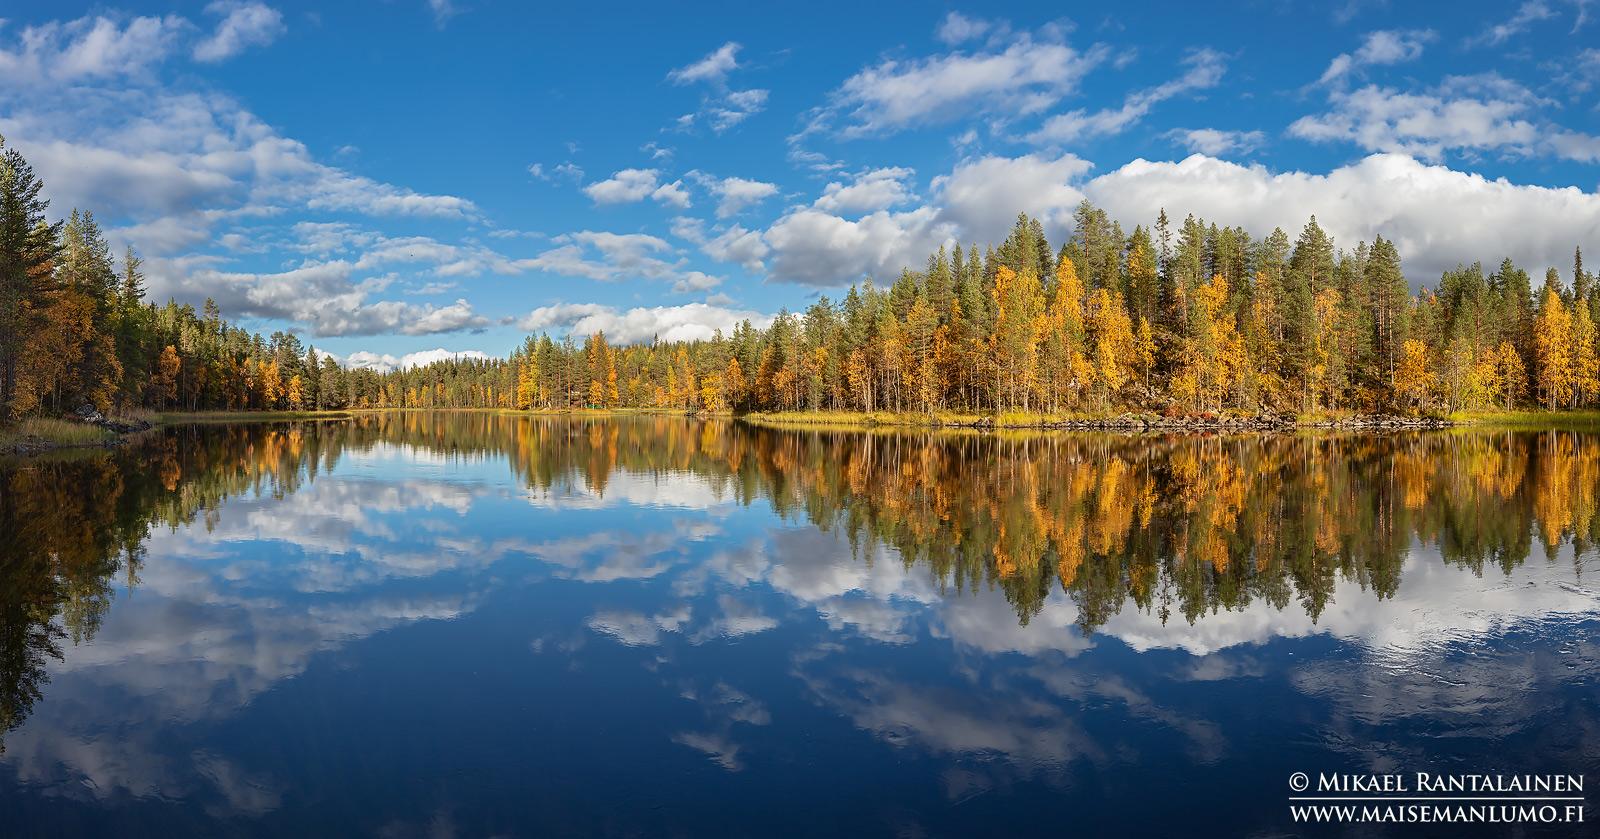 Ruskaheijastus Kitkajoella, Kuusamo (myötävalo)